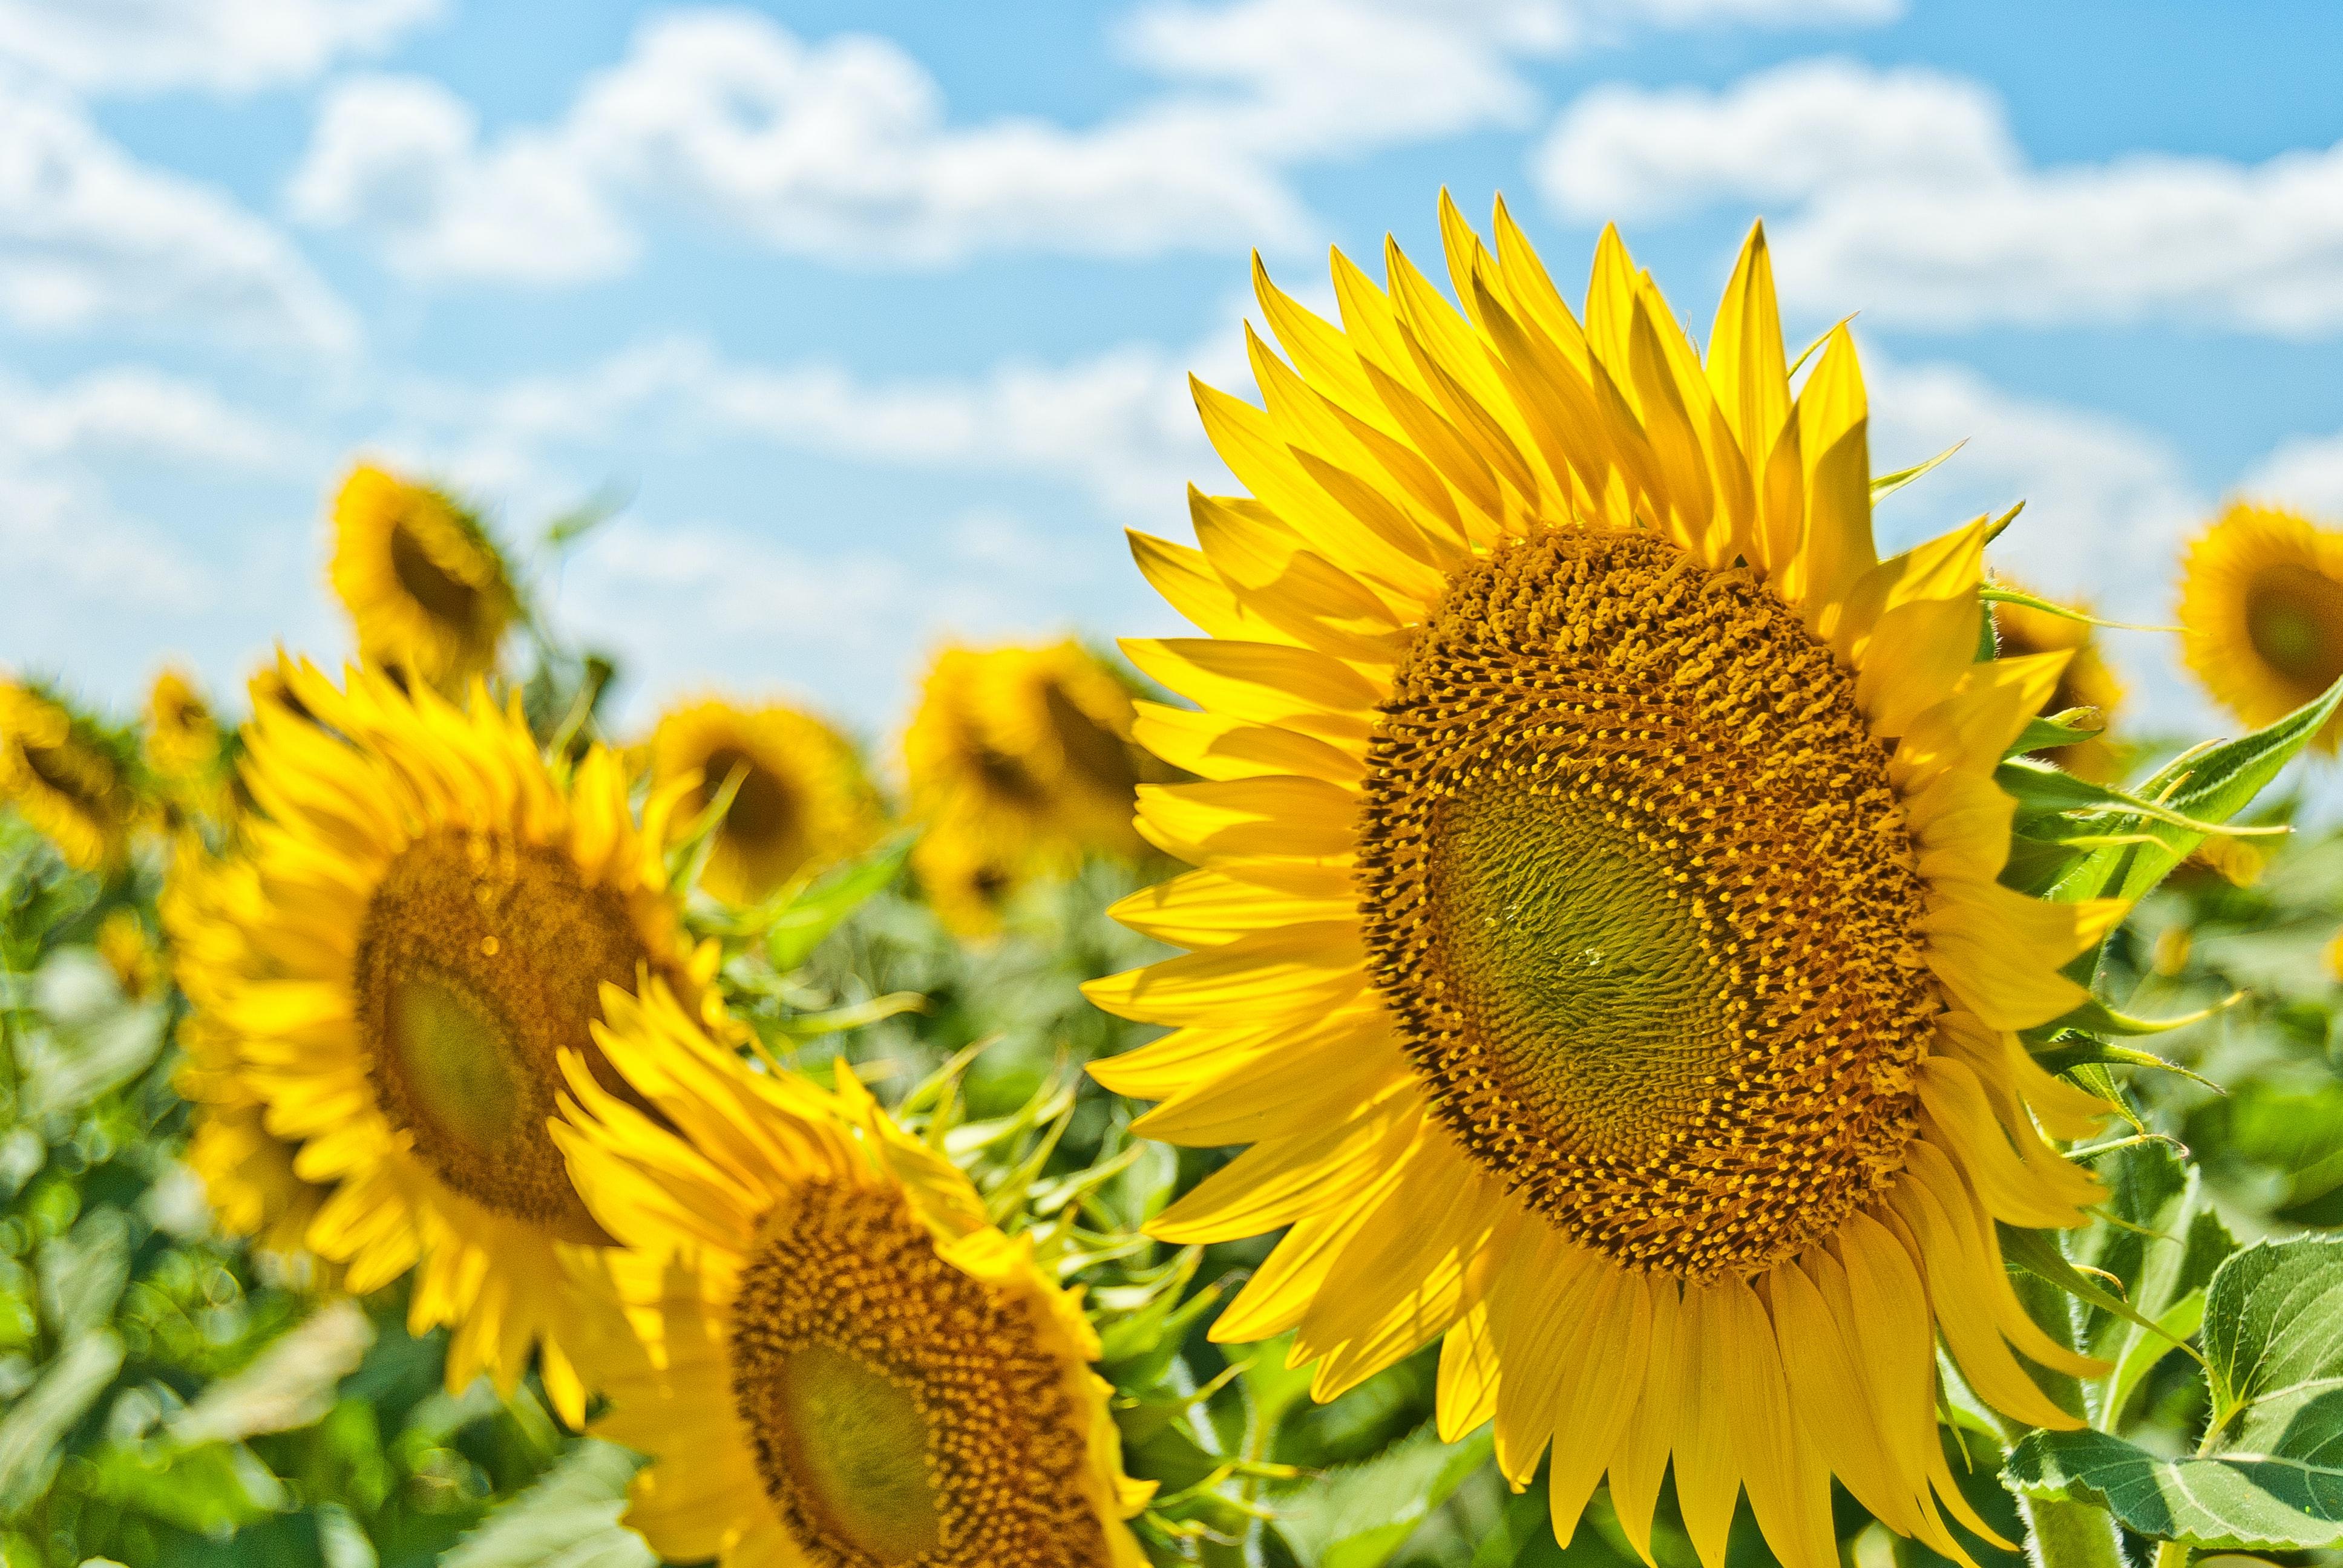 植物も夏バテする?酷暑での管理方法と水やりの注意点を詳しく解説!